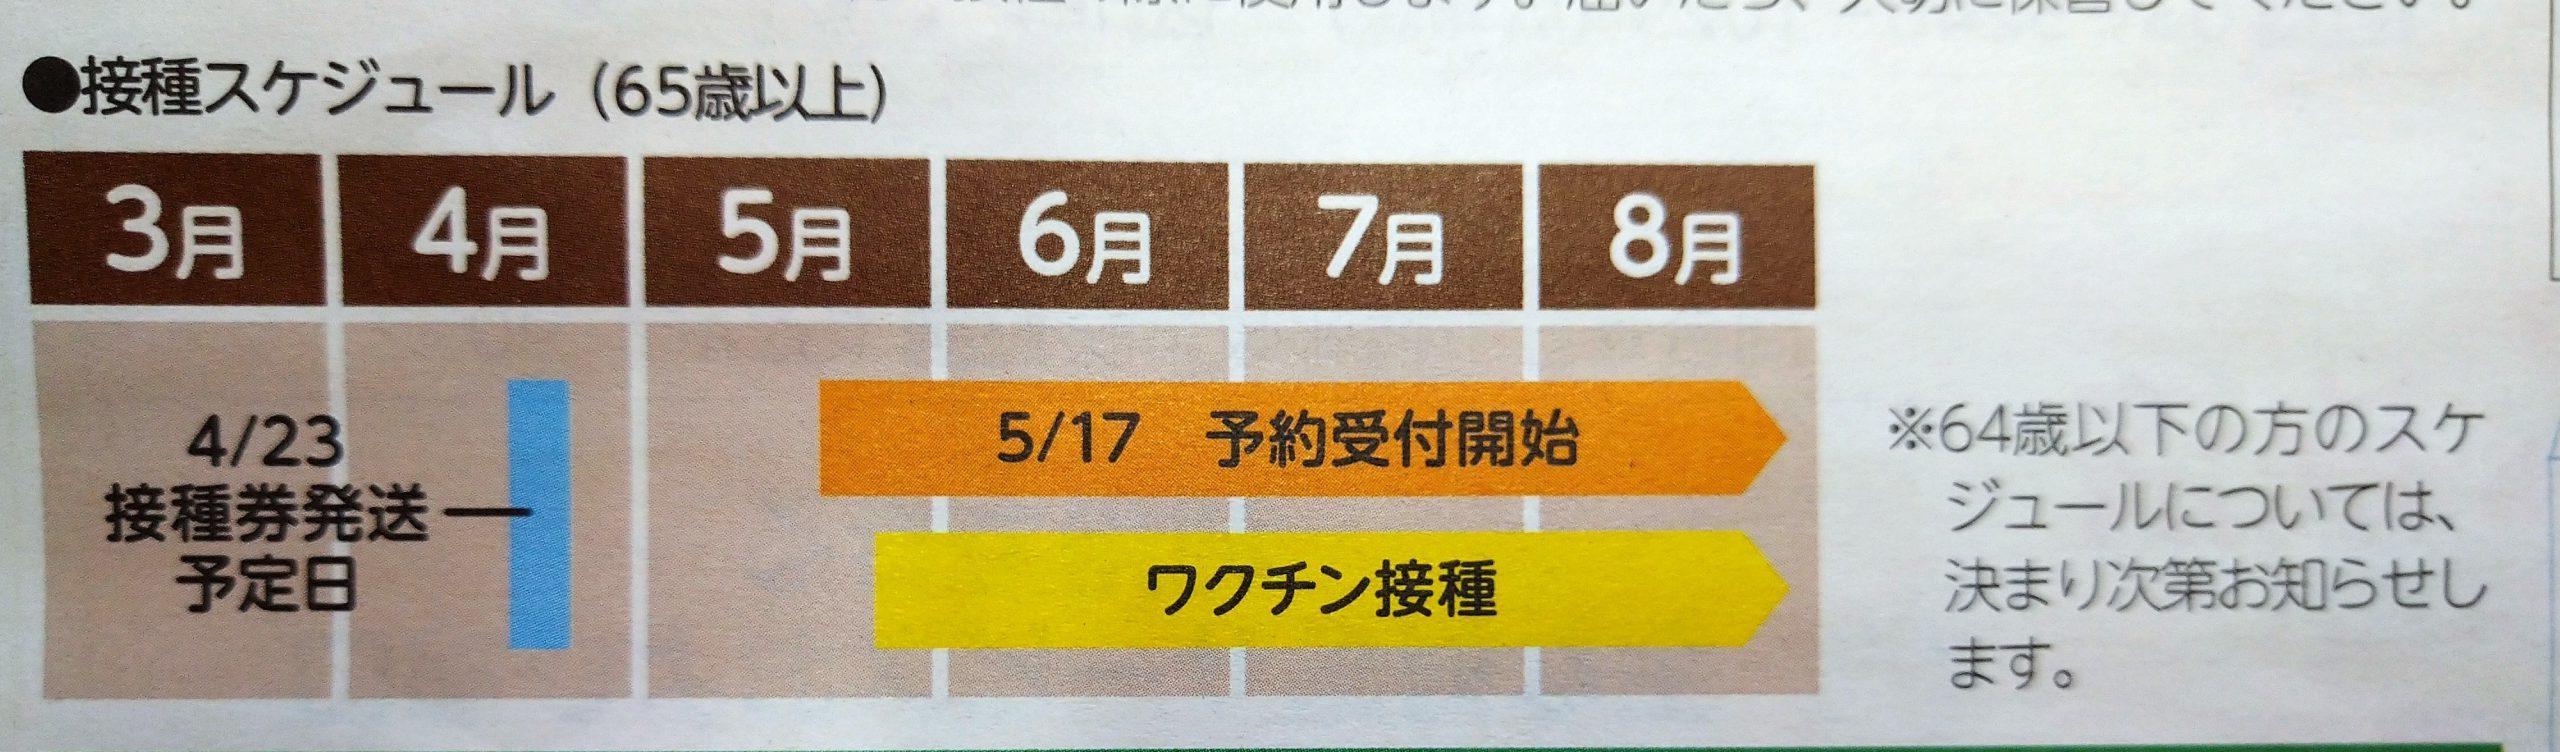 台東区は4月23日、高齢者のワクチン接種券を発送へ。国は供給の正確・迅速な情報提供を!